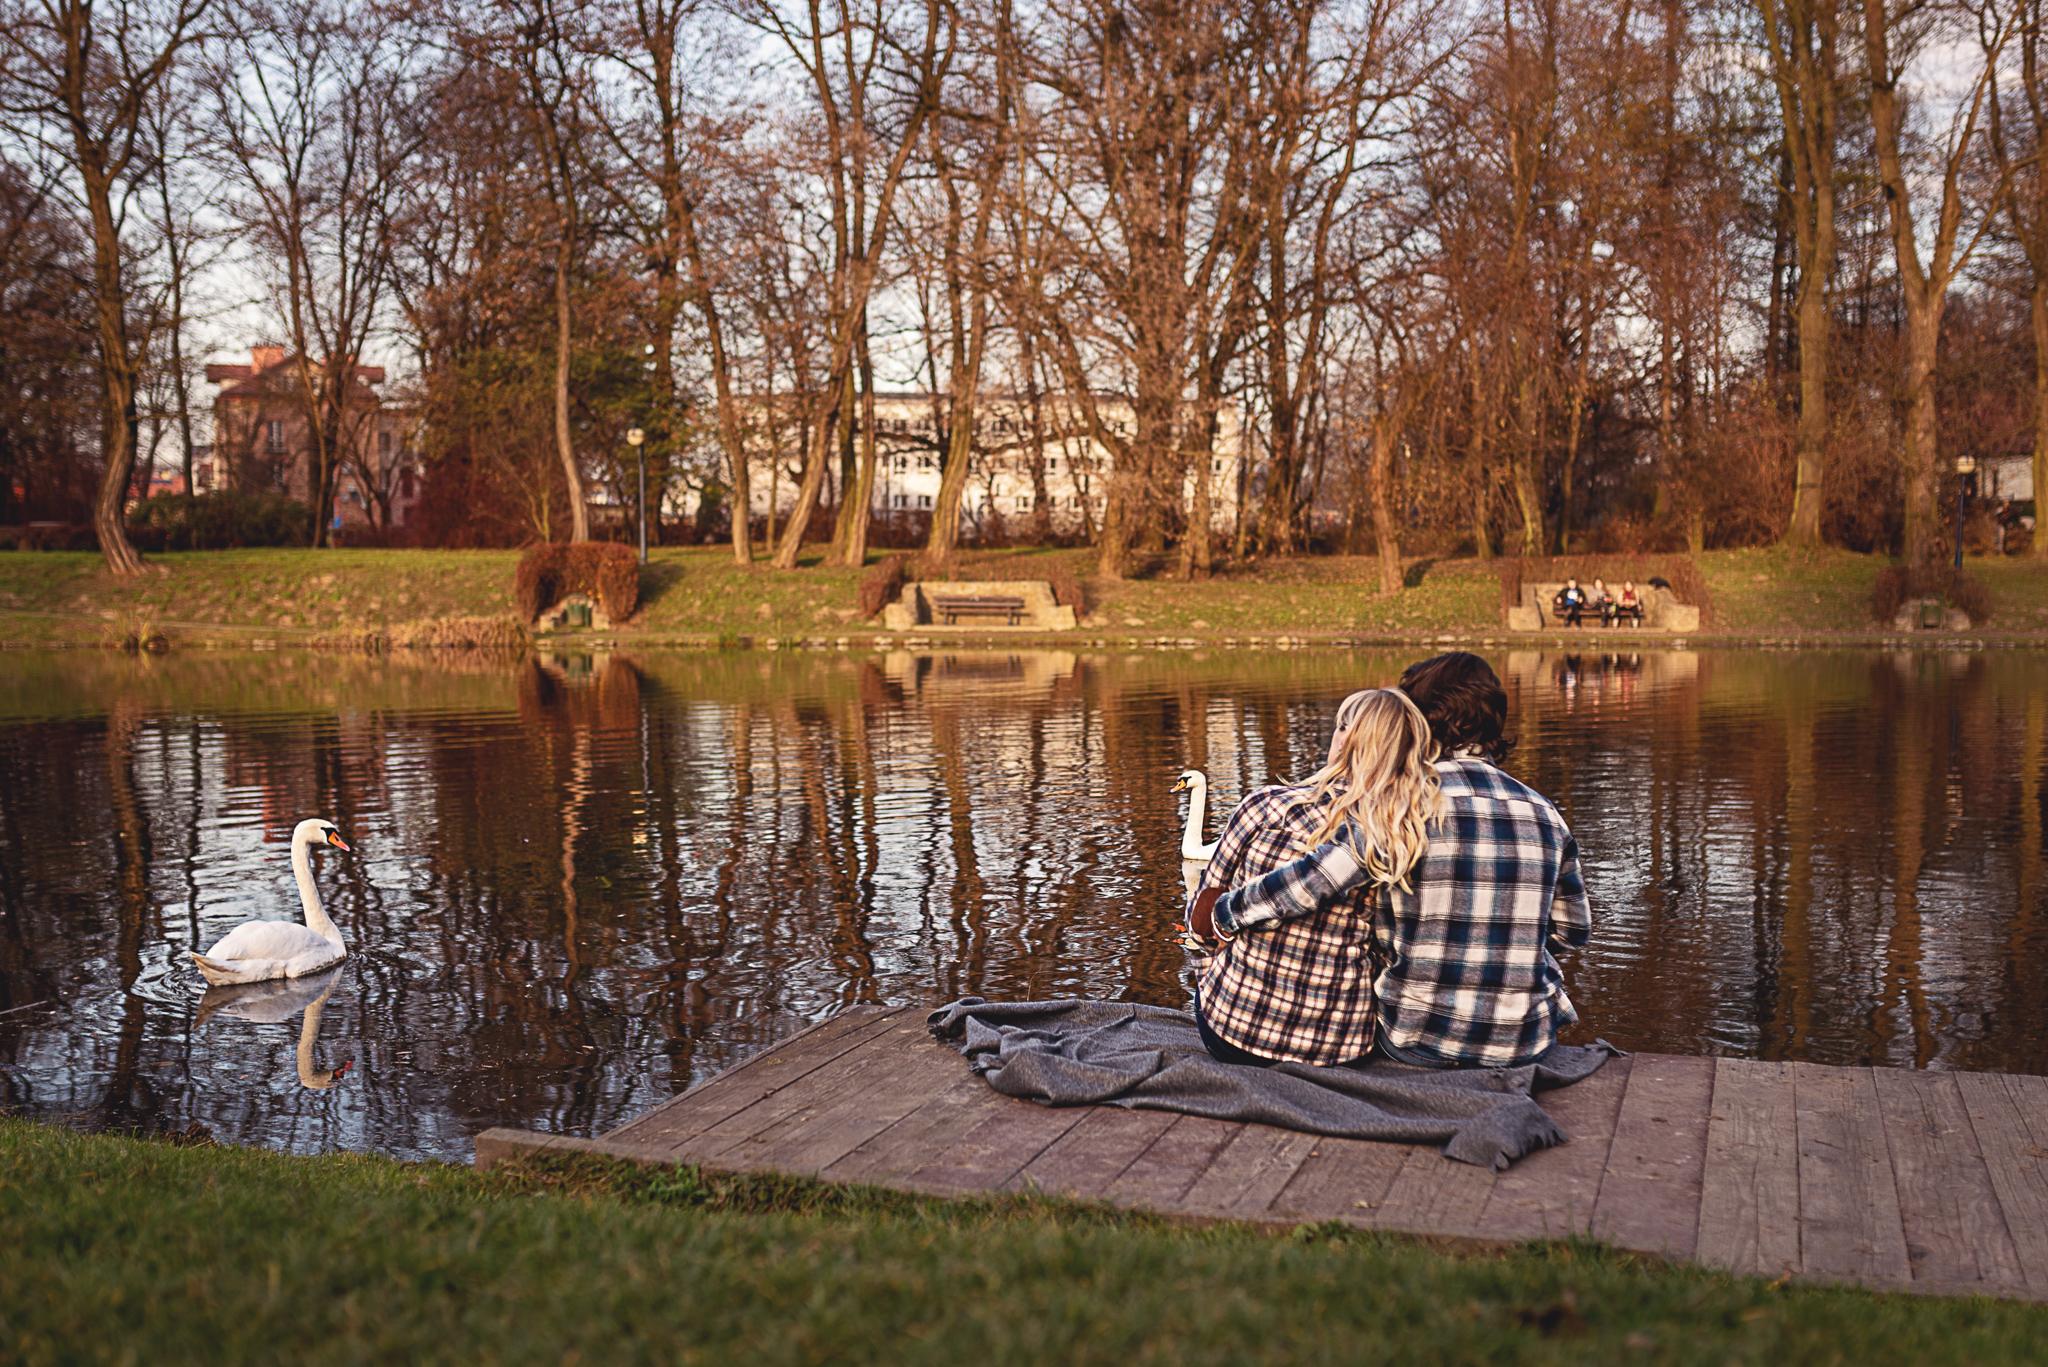 przytuleni zakochani w parku nad rzeką